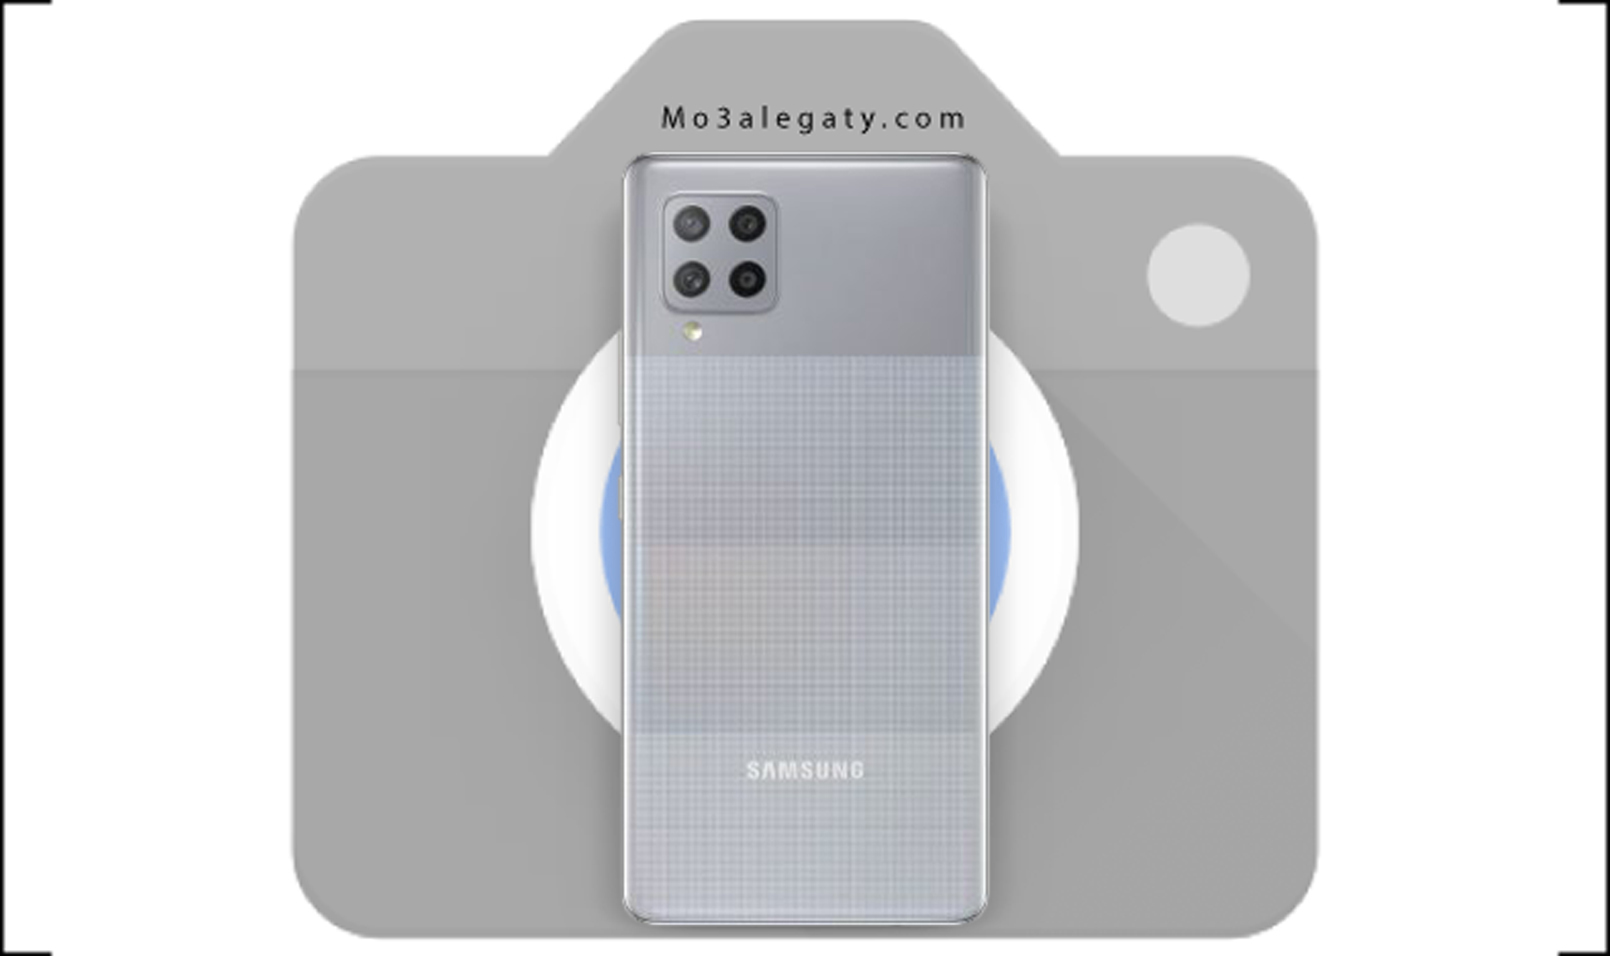 تحميل تطبيق جوجل كاميرا لهاتف Samsung Galaxy A42 5G